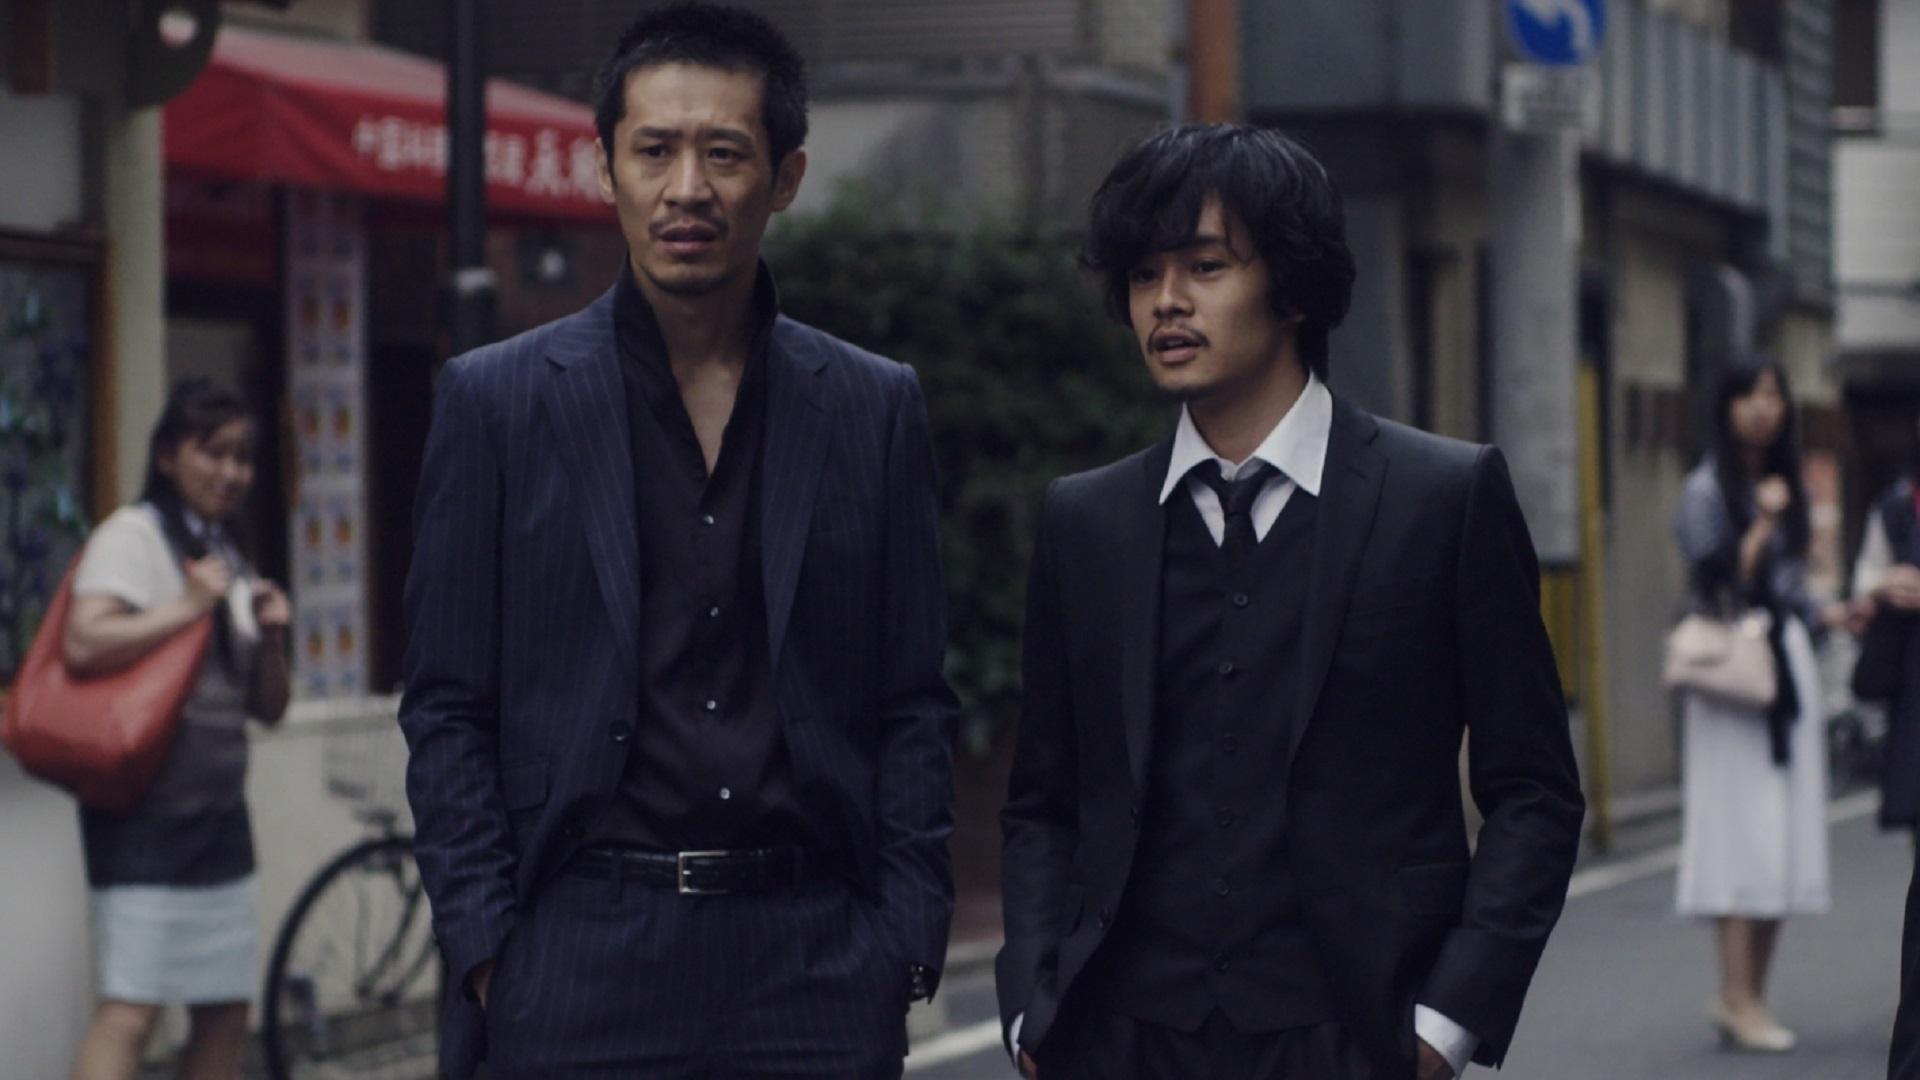 左から 三浦誠己、池松壮亮 『ディストラクション・ベイビーズ』 ©2016「ディストラクション・ベイビーズ」製作委員会